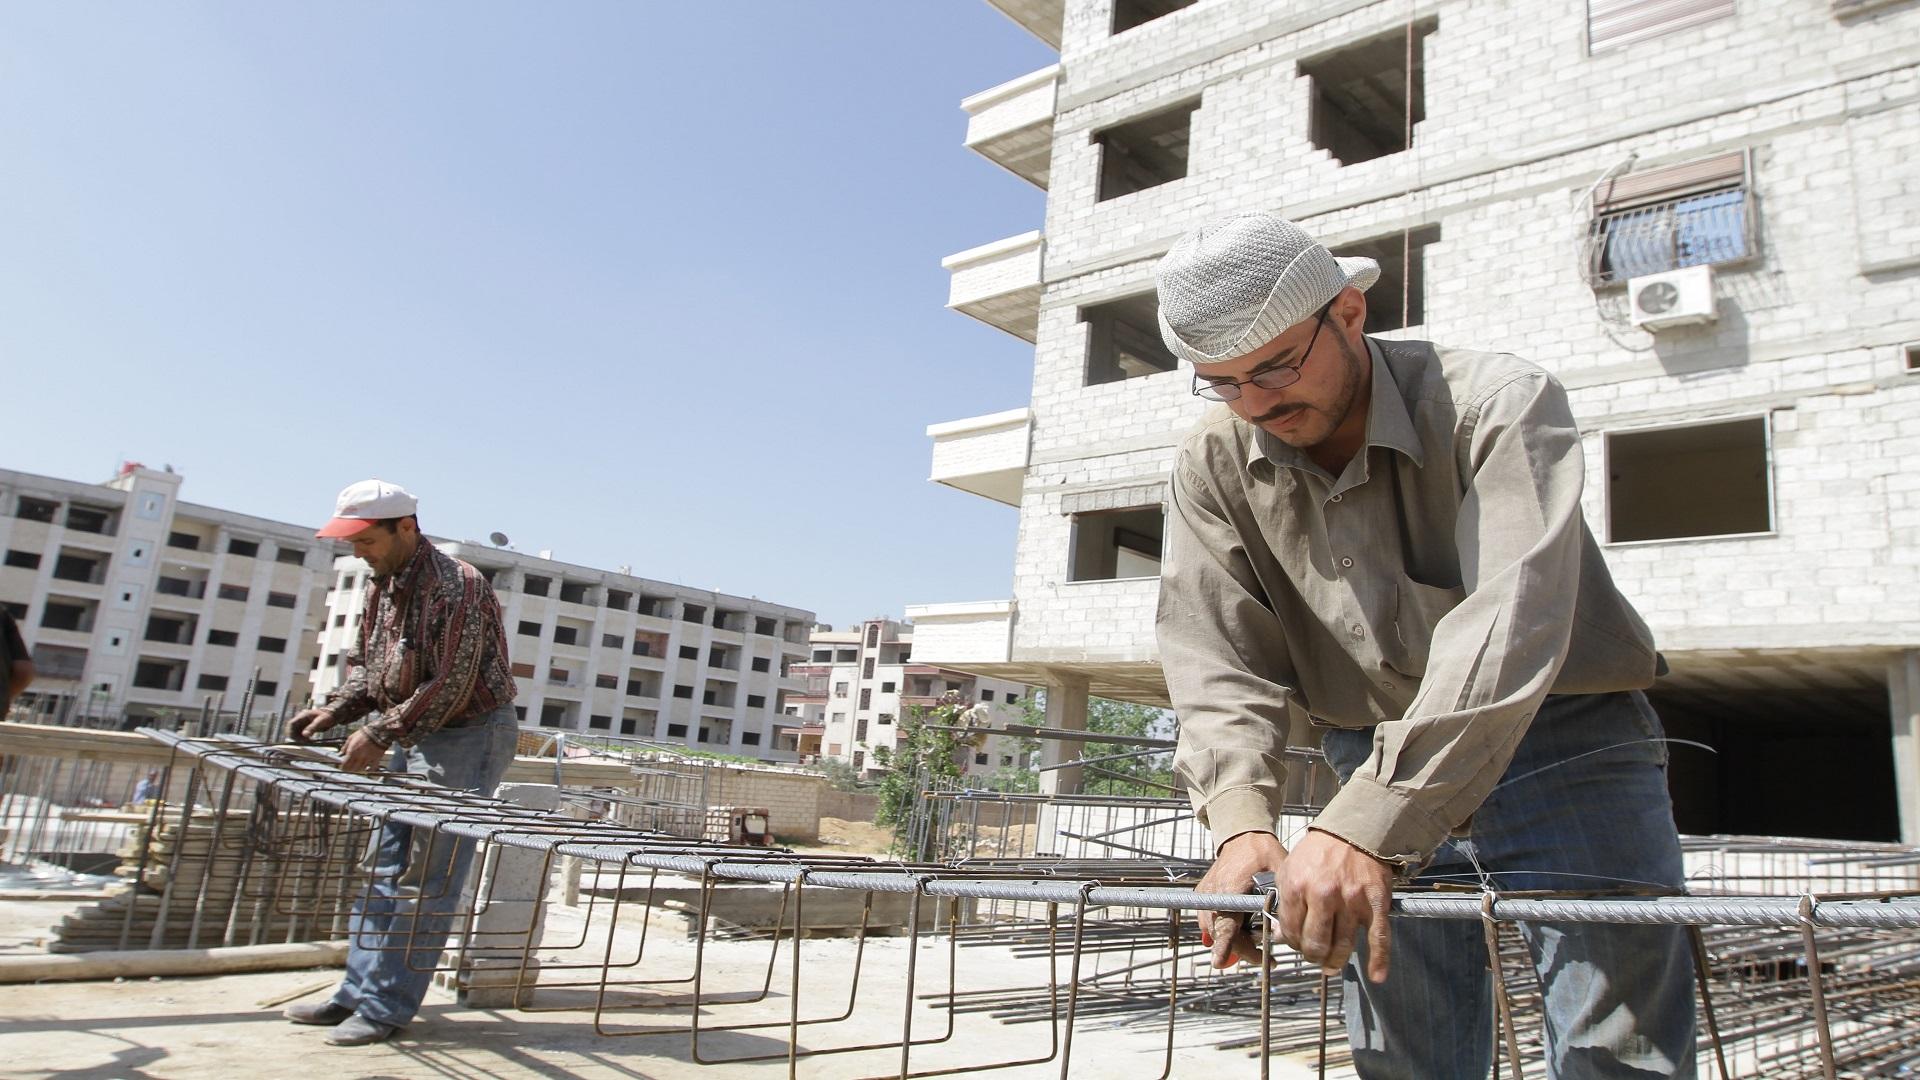 تراجع سوق العقارات في سوريا بعد ارتفاع عالمي لأسعار مواد البناء